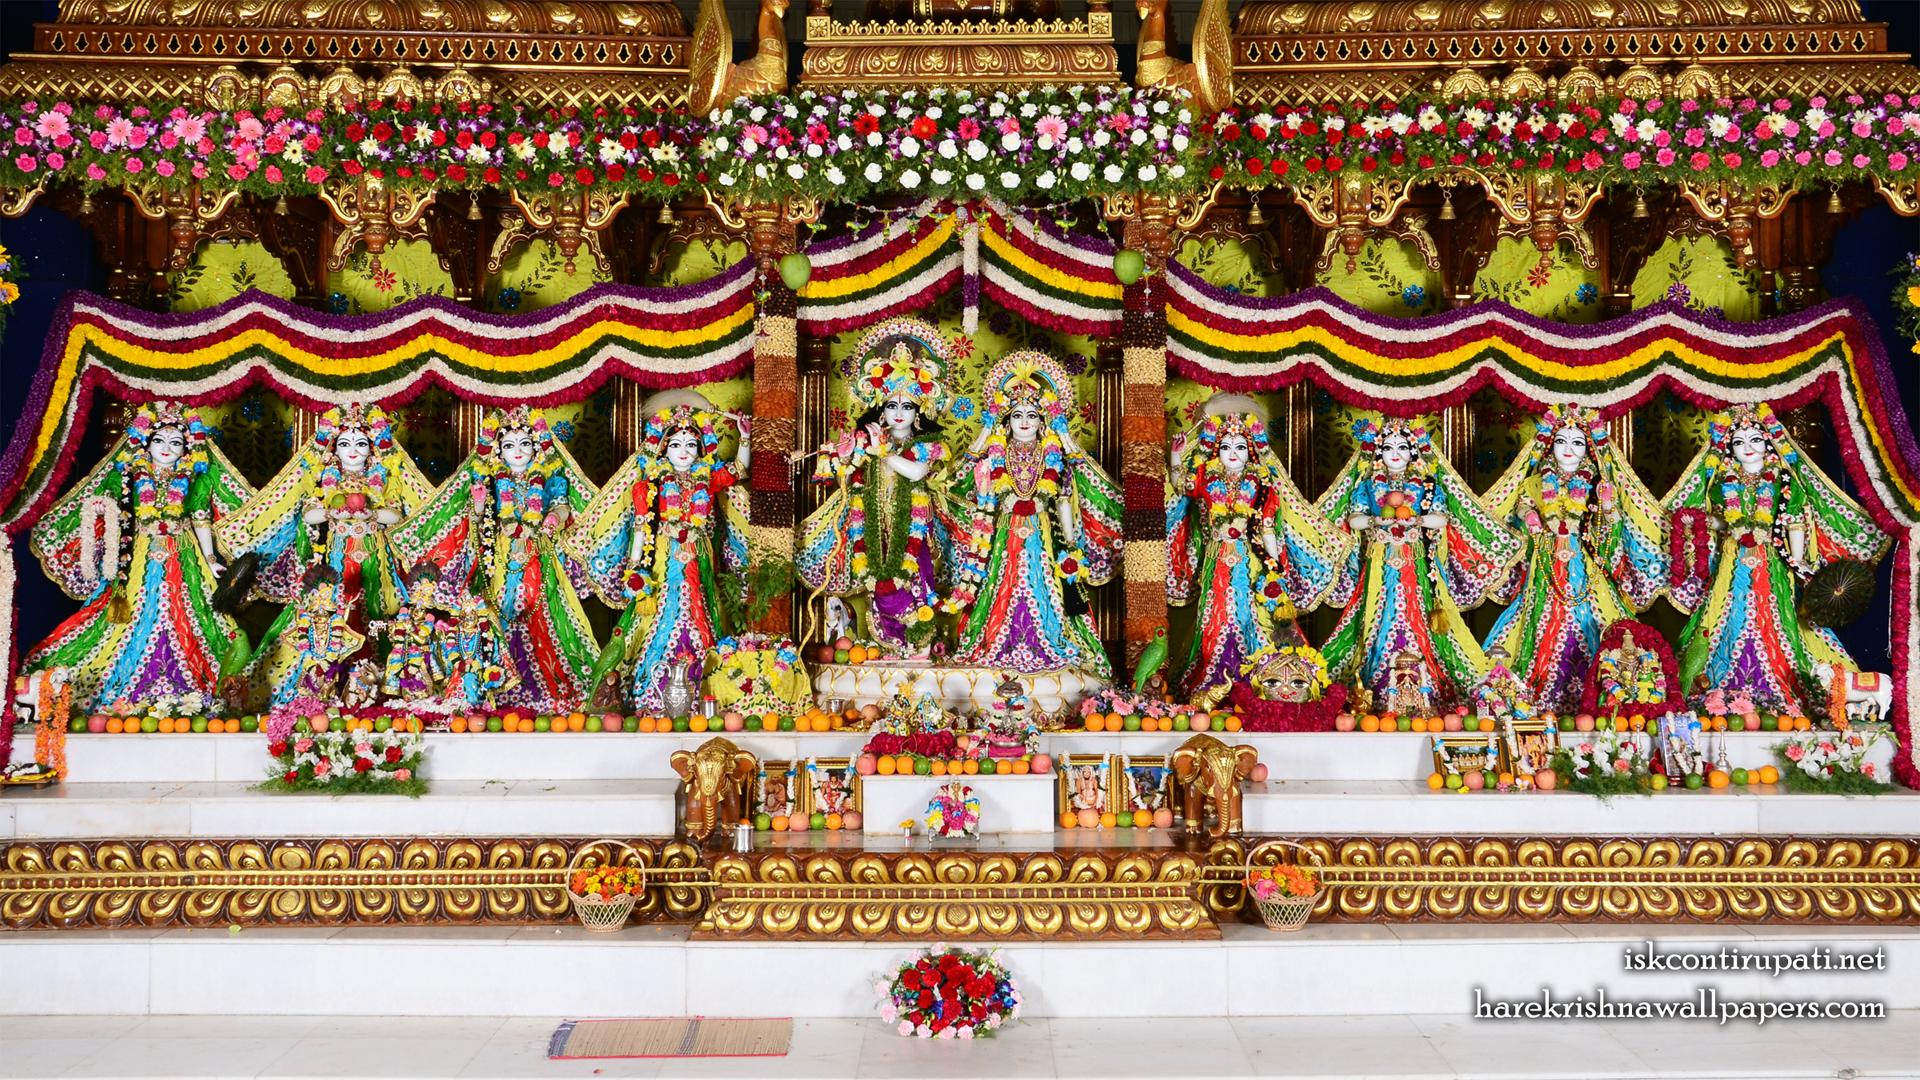 Sri Sri Radha Govinda with Ashtasakhi Wallpaper (003) Size 1920x1080 Download